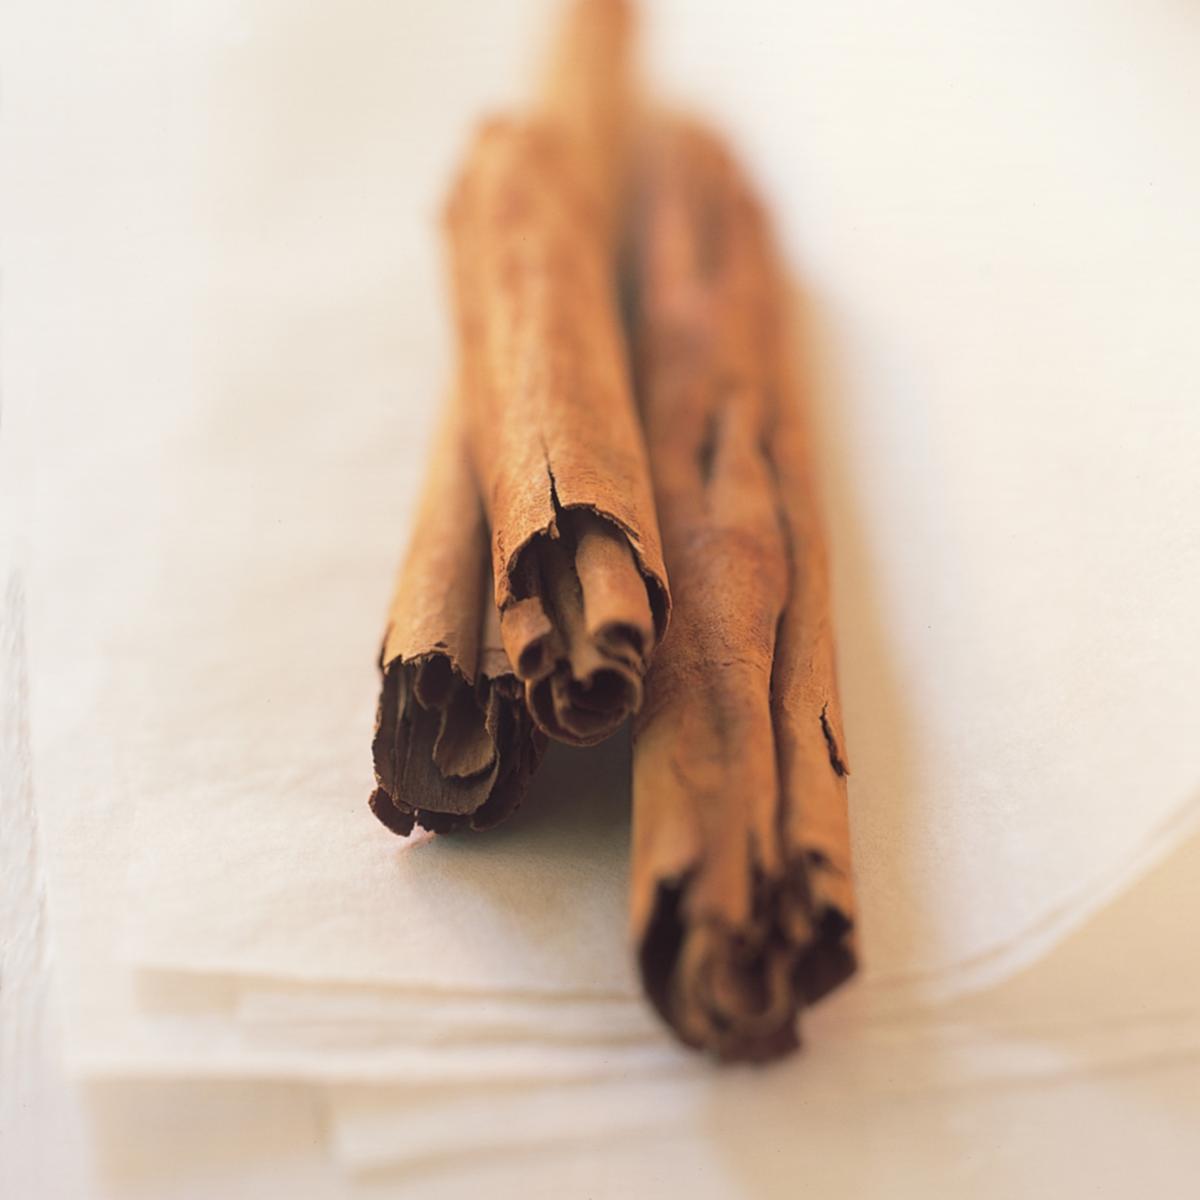 Ingredient baking cinammon sticks